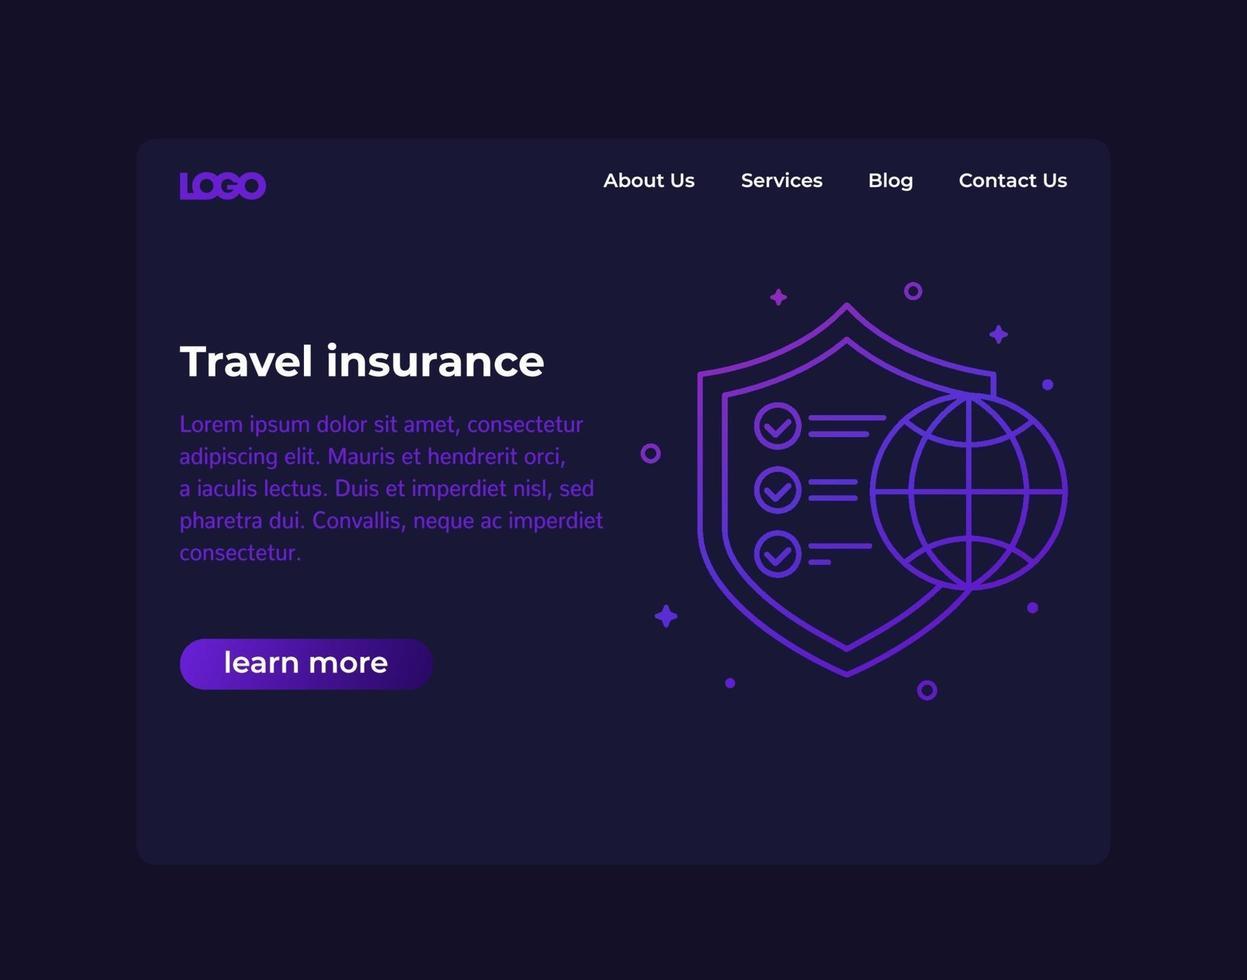 seguro de viagem, design de site, vetor template.eps